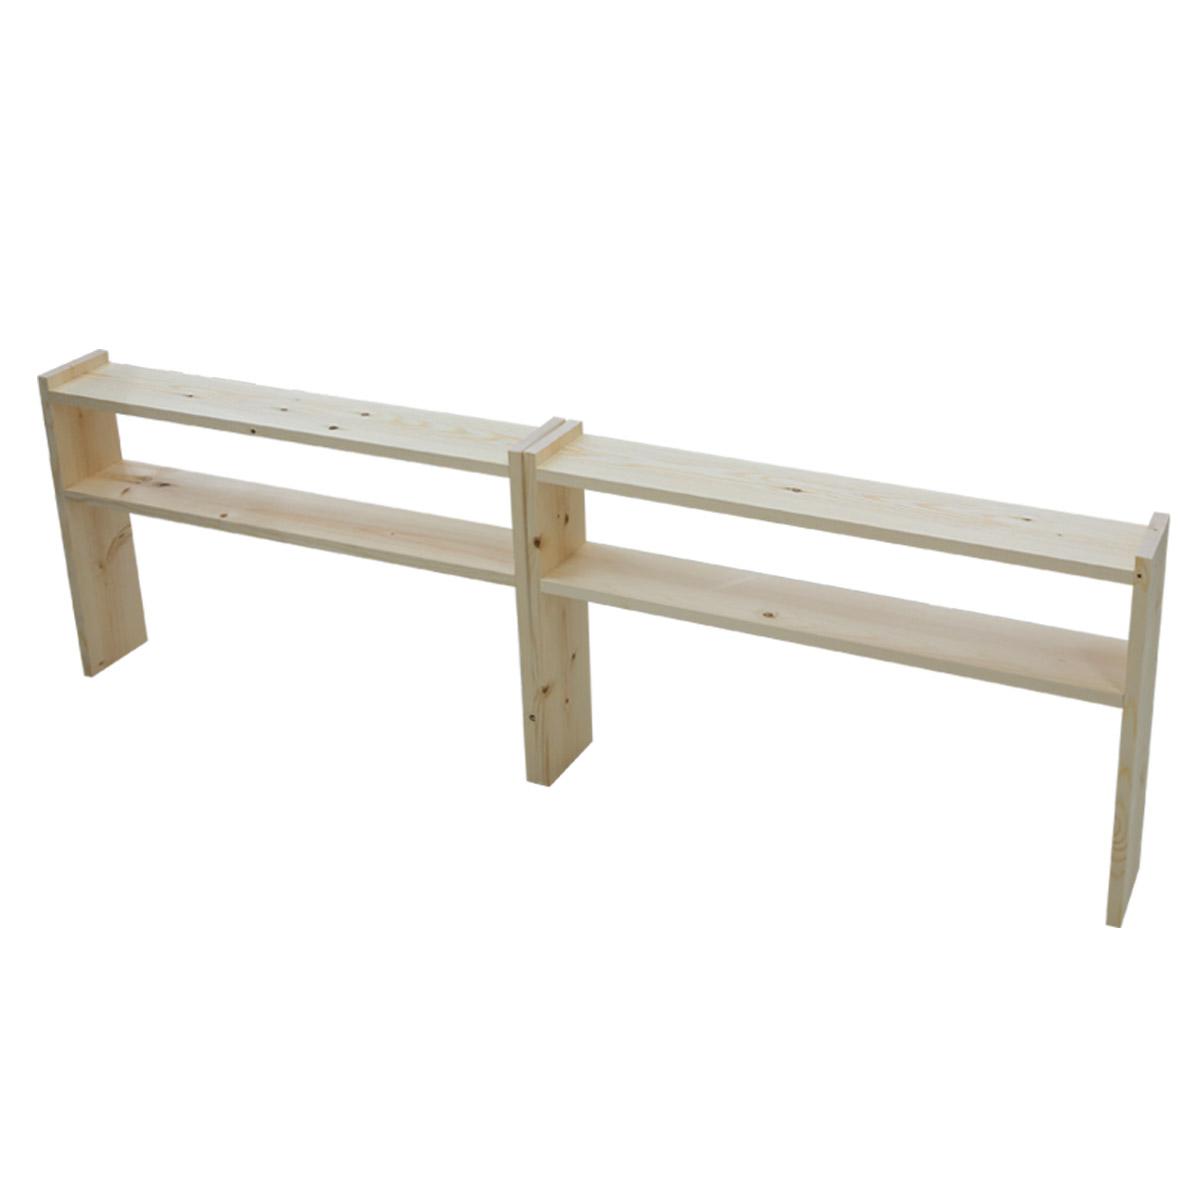 다니엘우드 침대사이드테이블 원목 틈새선반 다용도 장식장 진열대 사이드테이블, 다용도 틈새선반(2개)